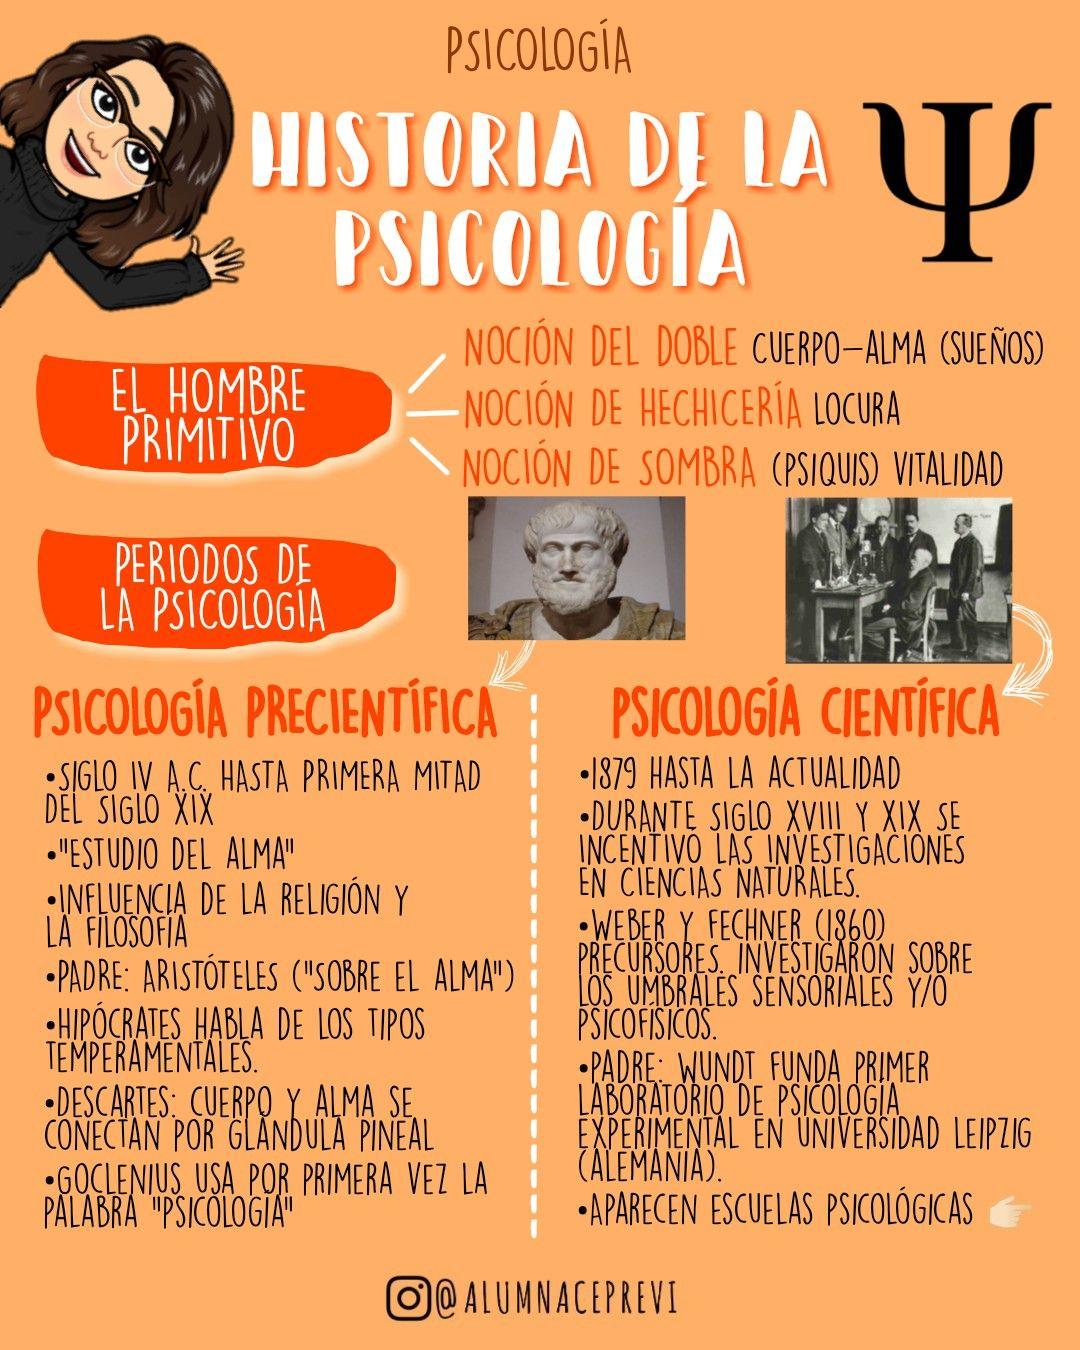 24 Ideas De Historia De La Psicología Historia De La Psicologia Psicologia Filosofia Historia